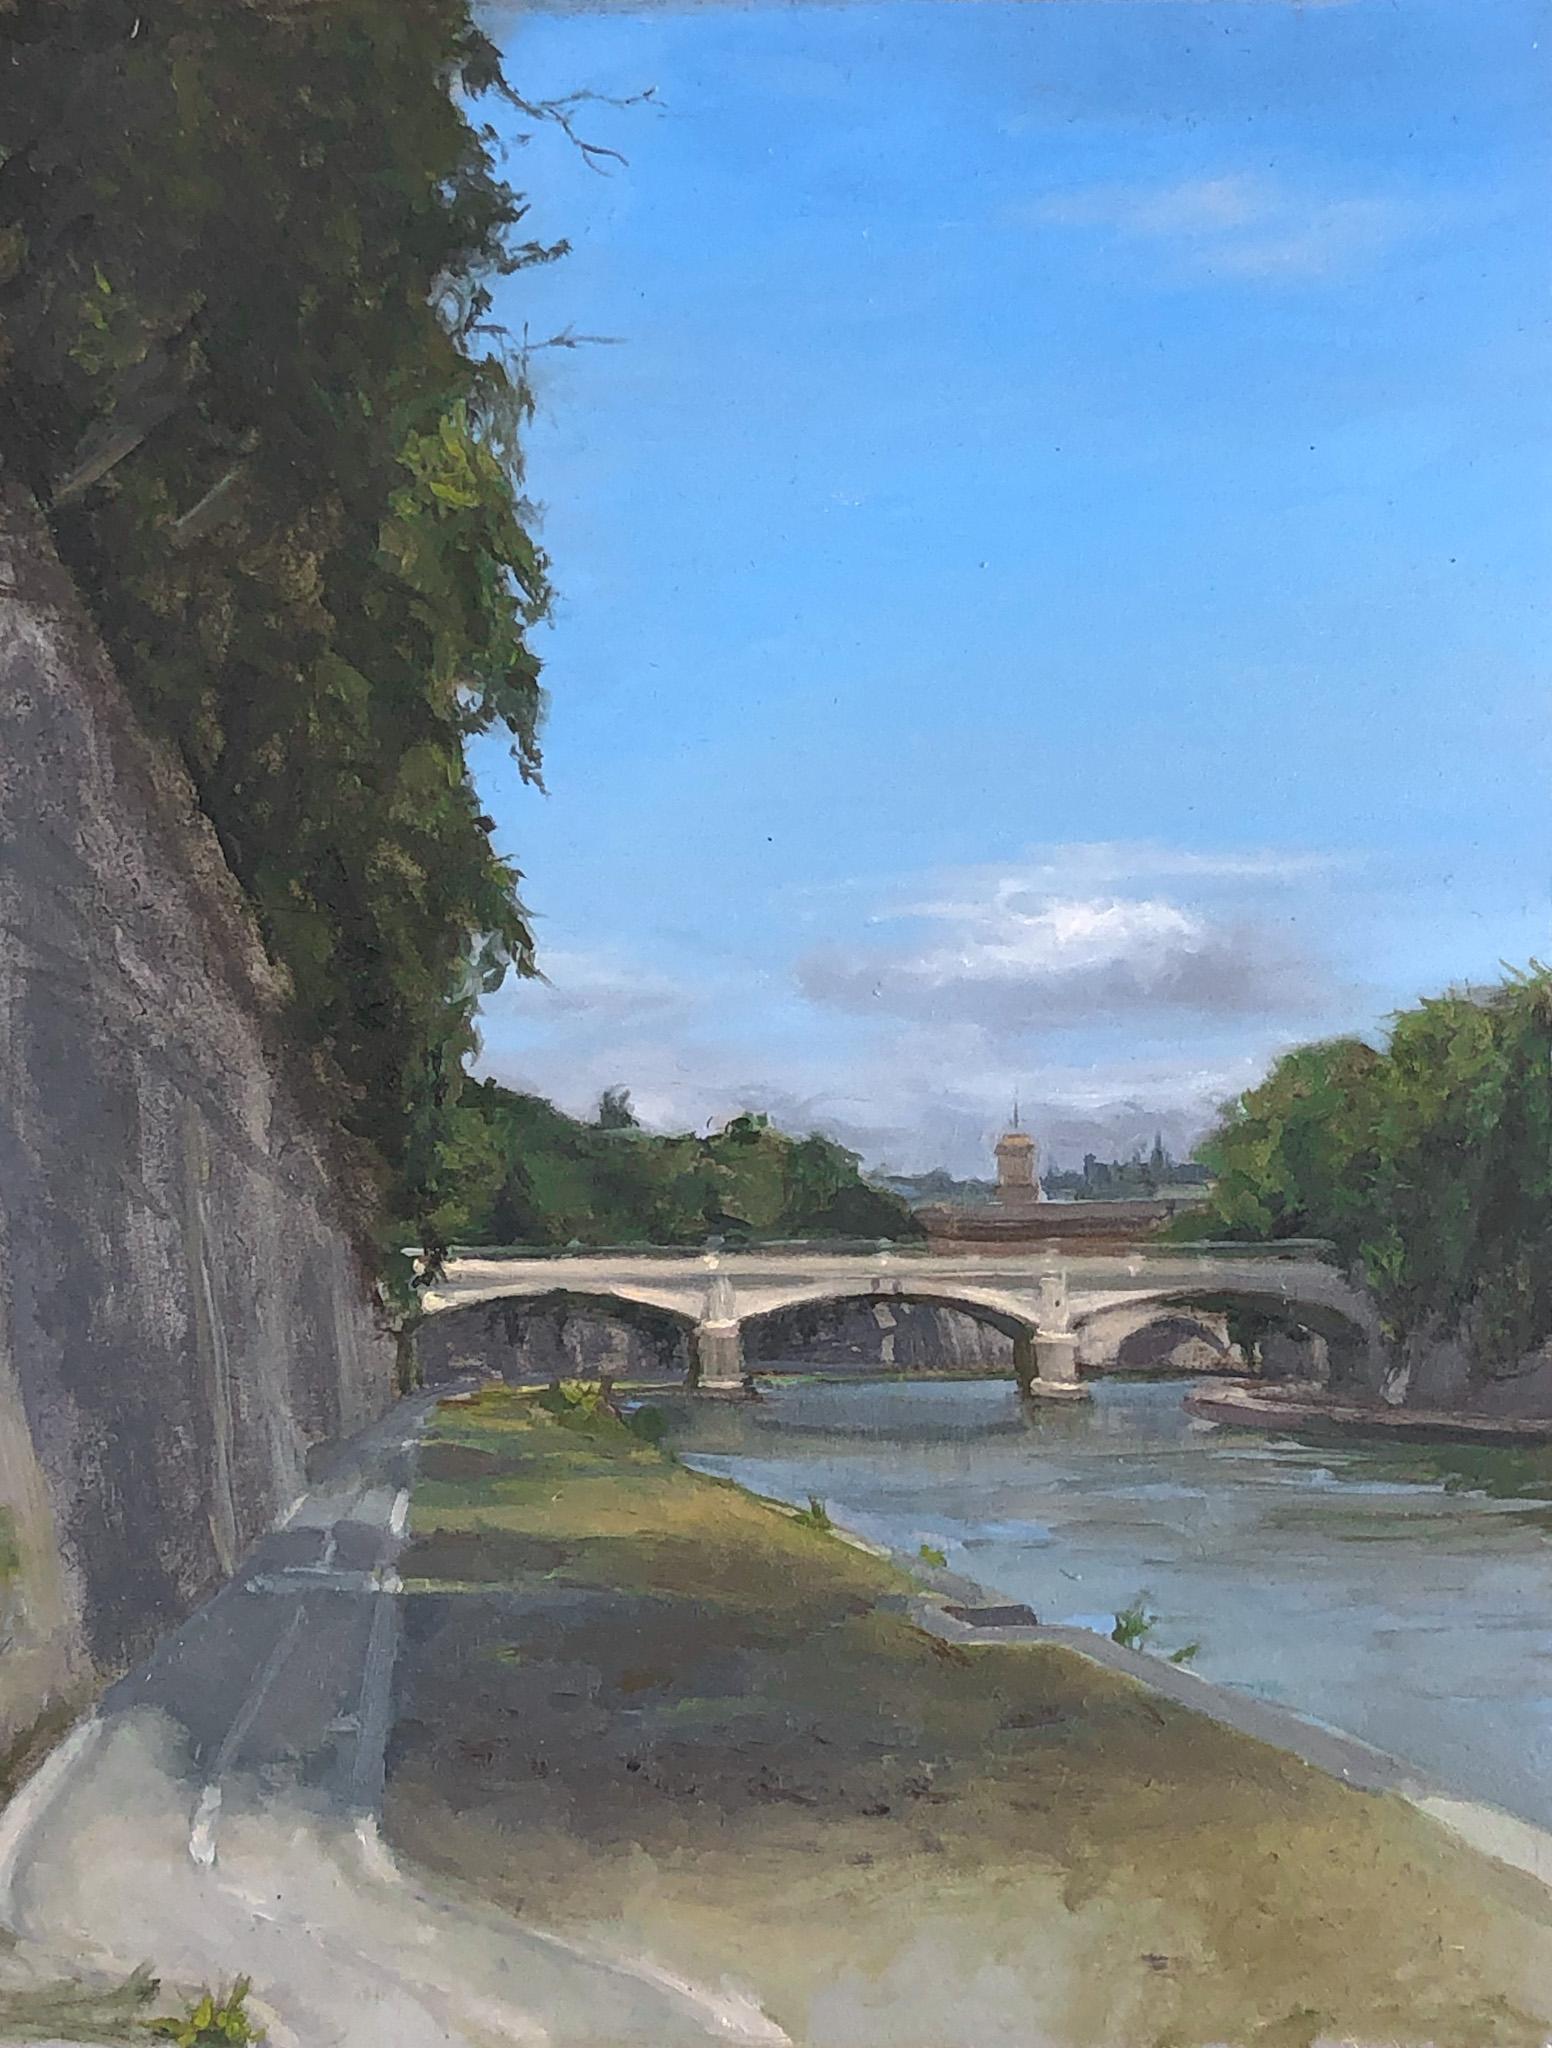 Ponte Sisto Bridge in Rome